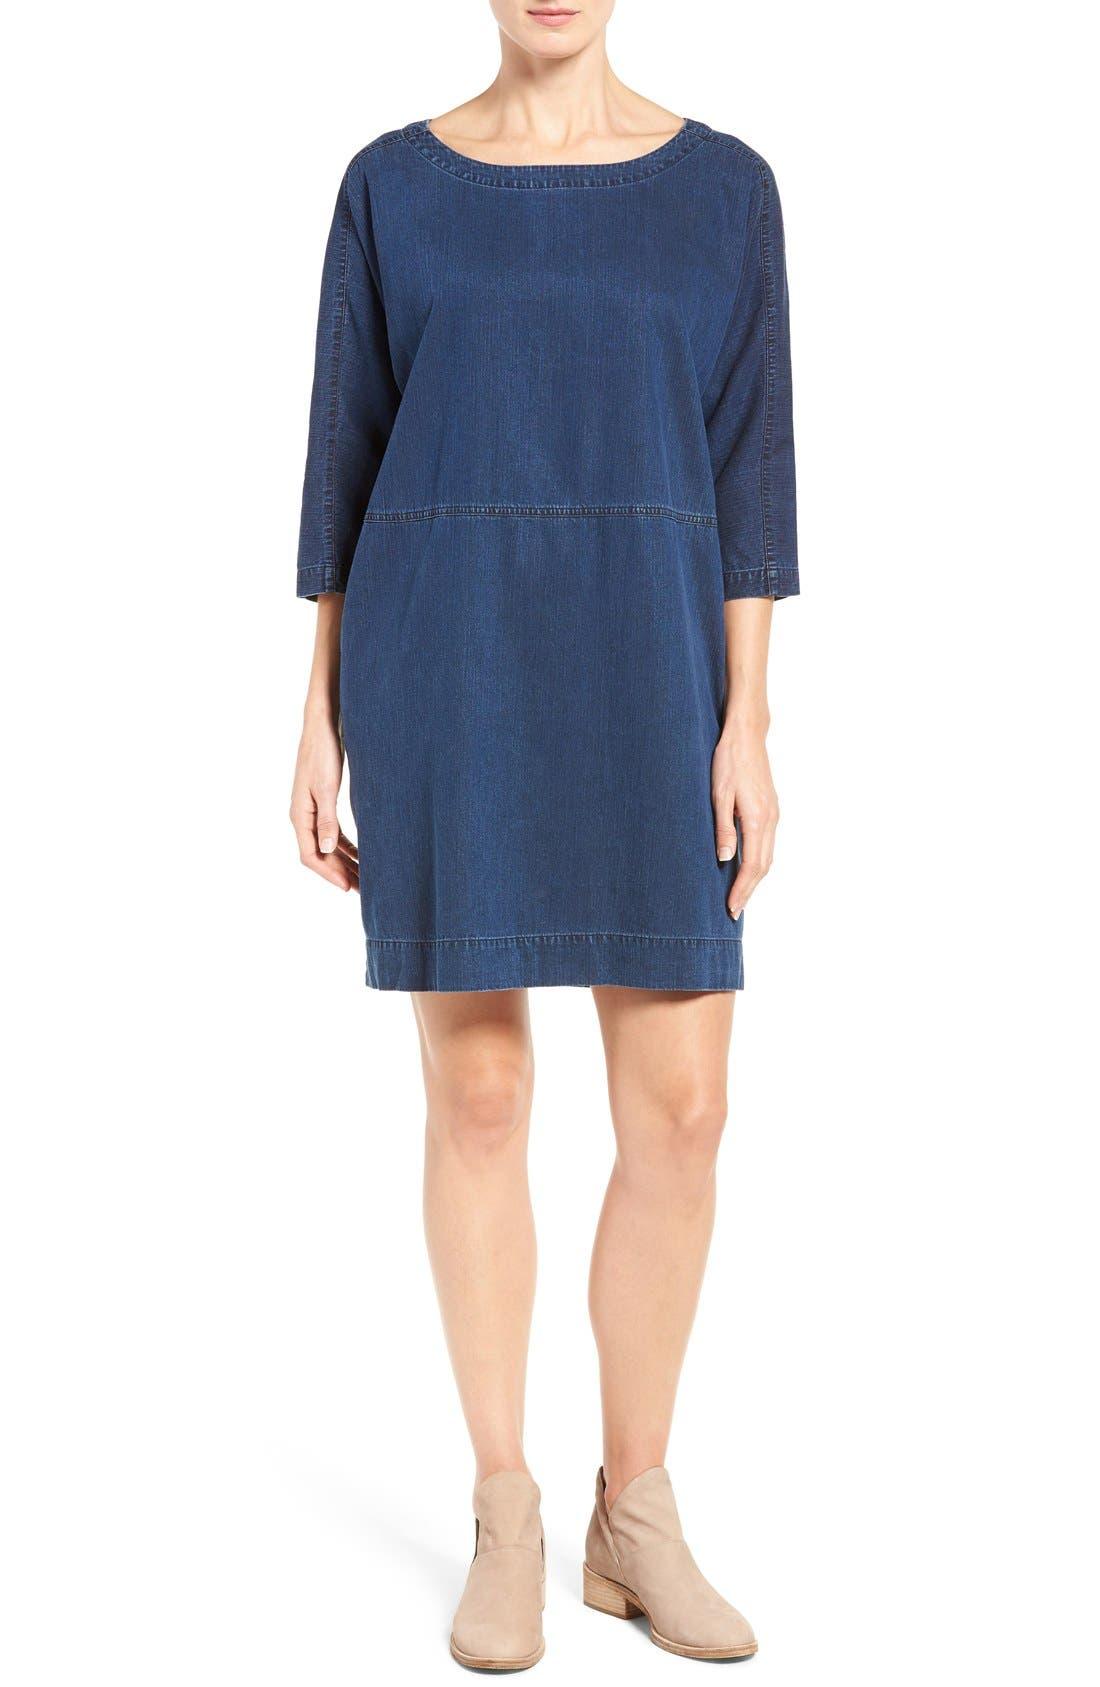 Alternate Image 1 Selected - Eileen Fisher Denim Shift Dress